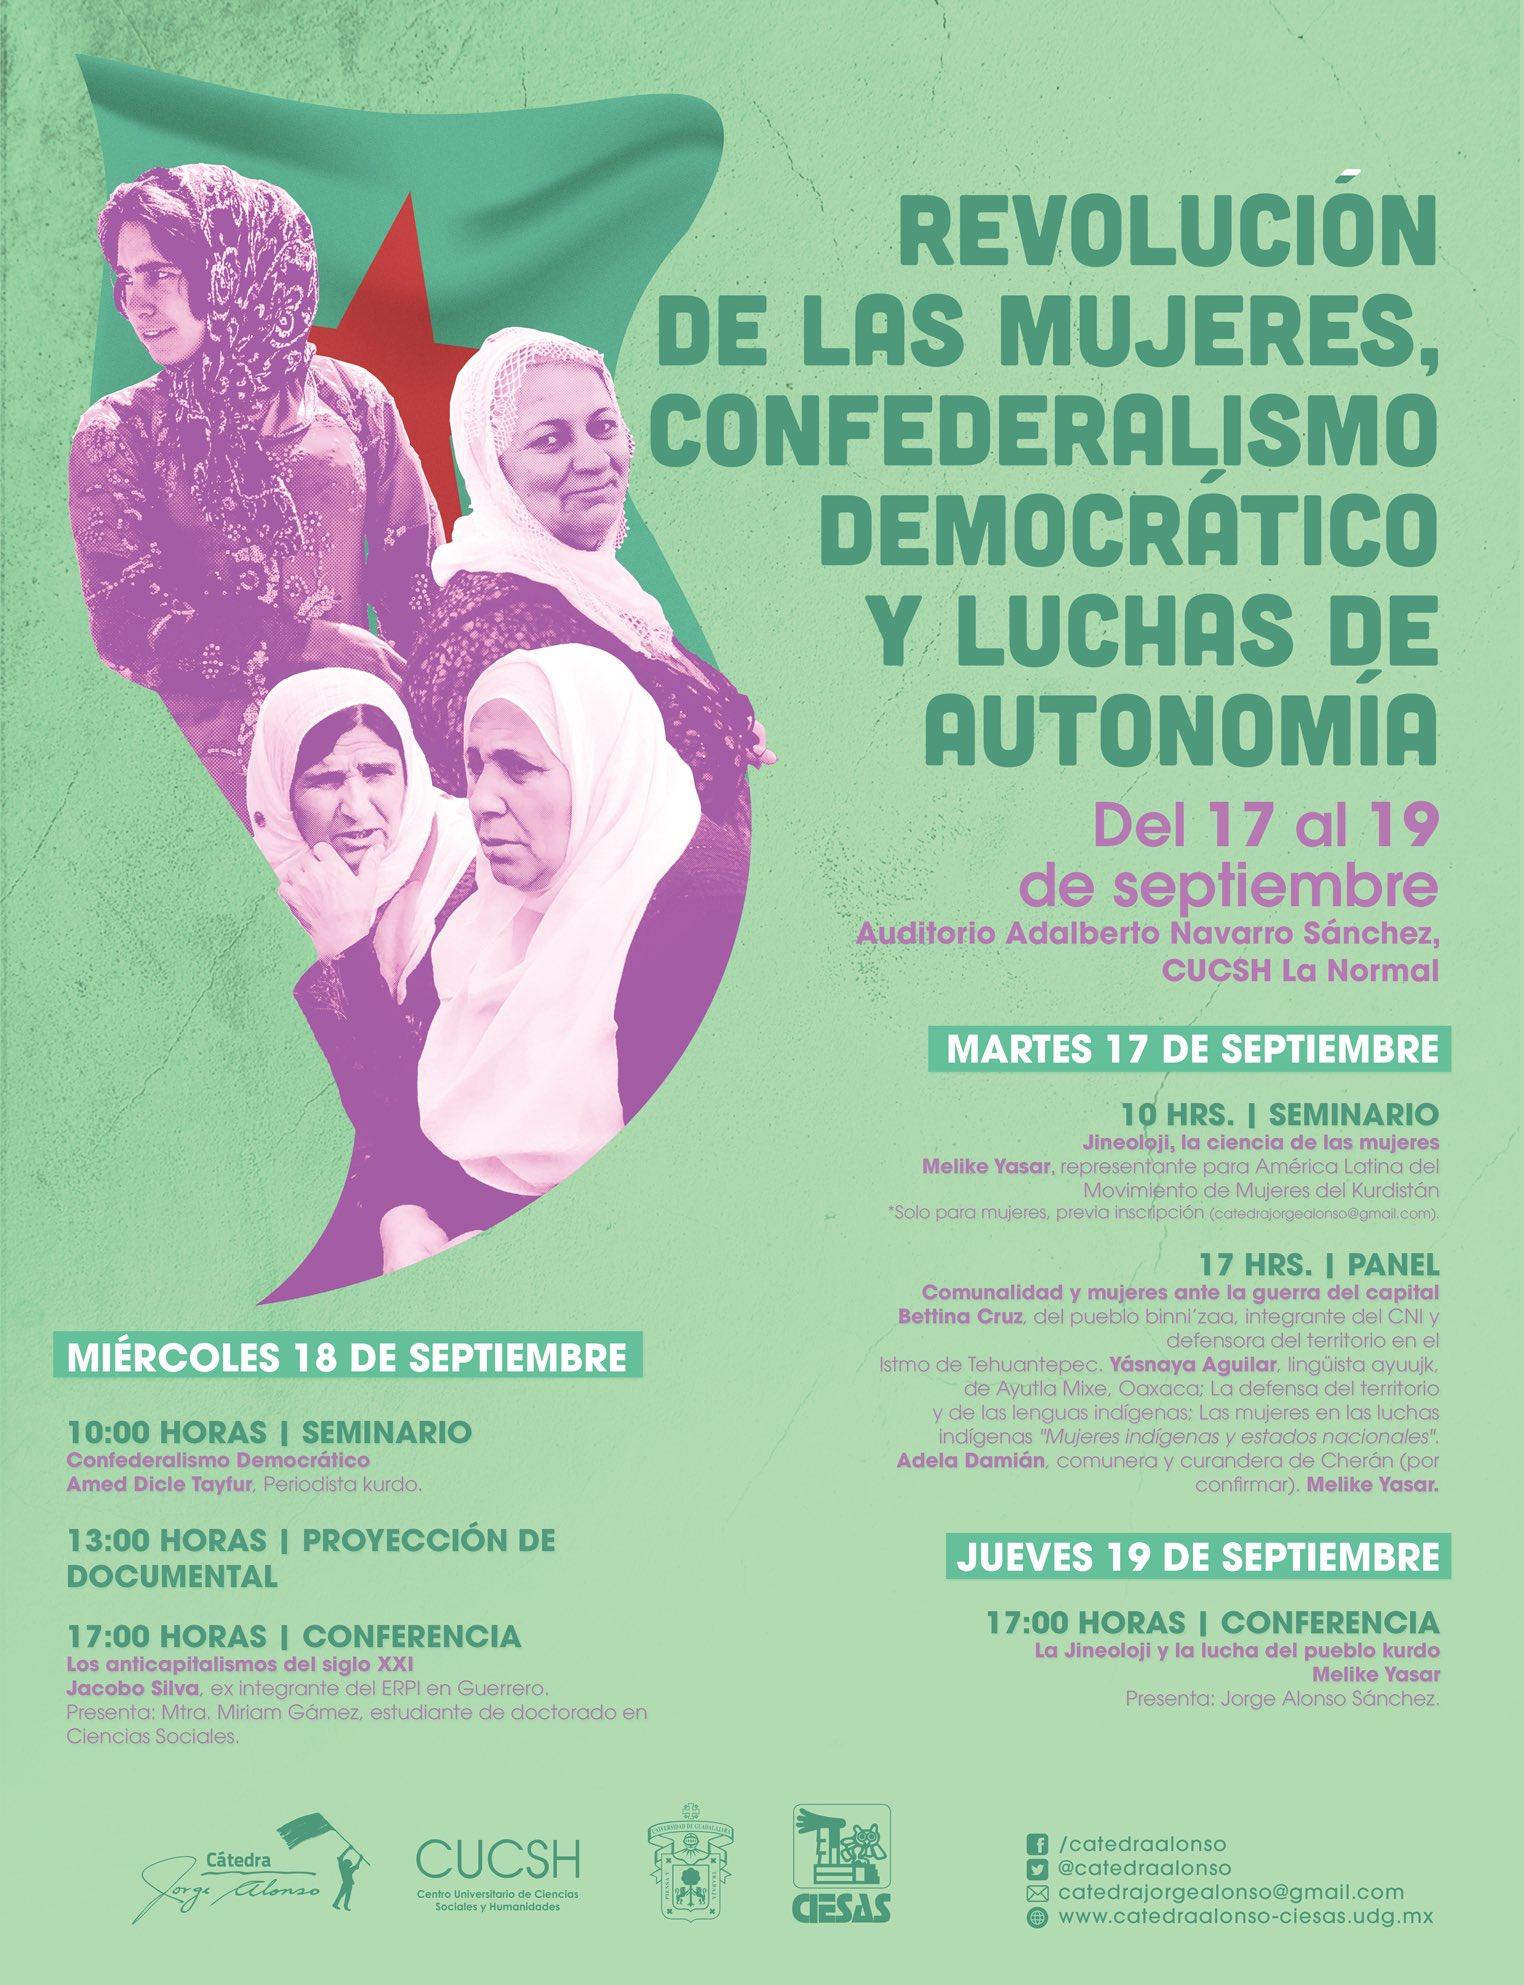 Seminario Revolución de las mujeres, Confederalismo Democrático y Luchas de autonomía cátedra Jorge alonso